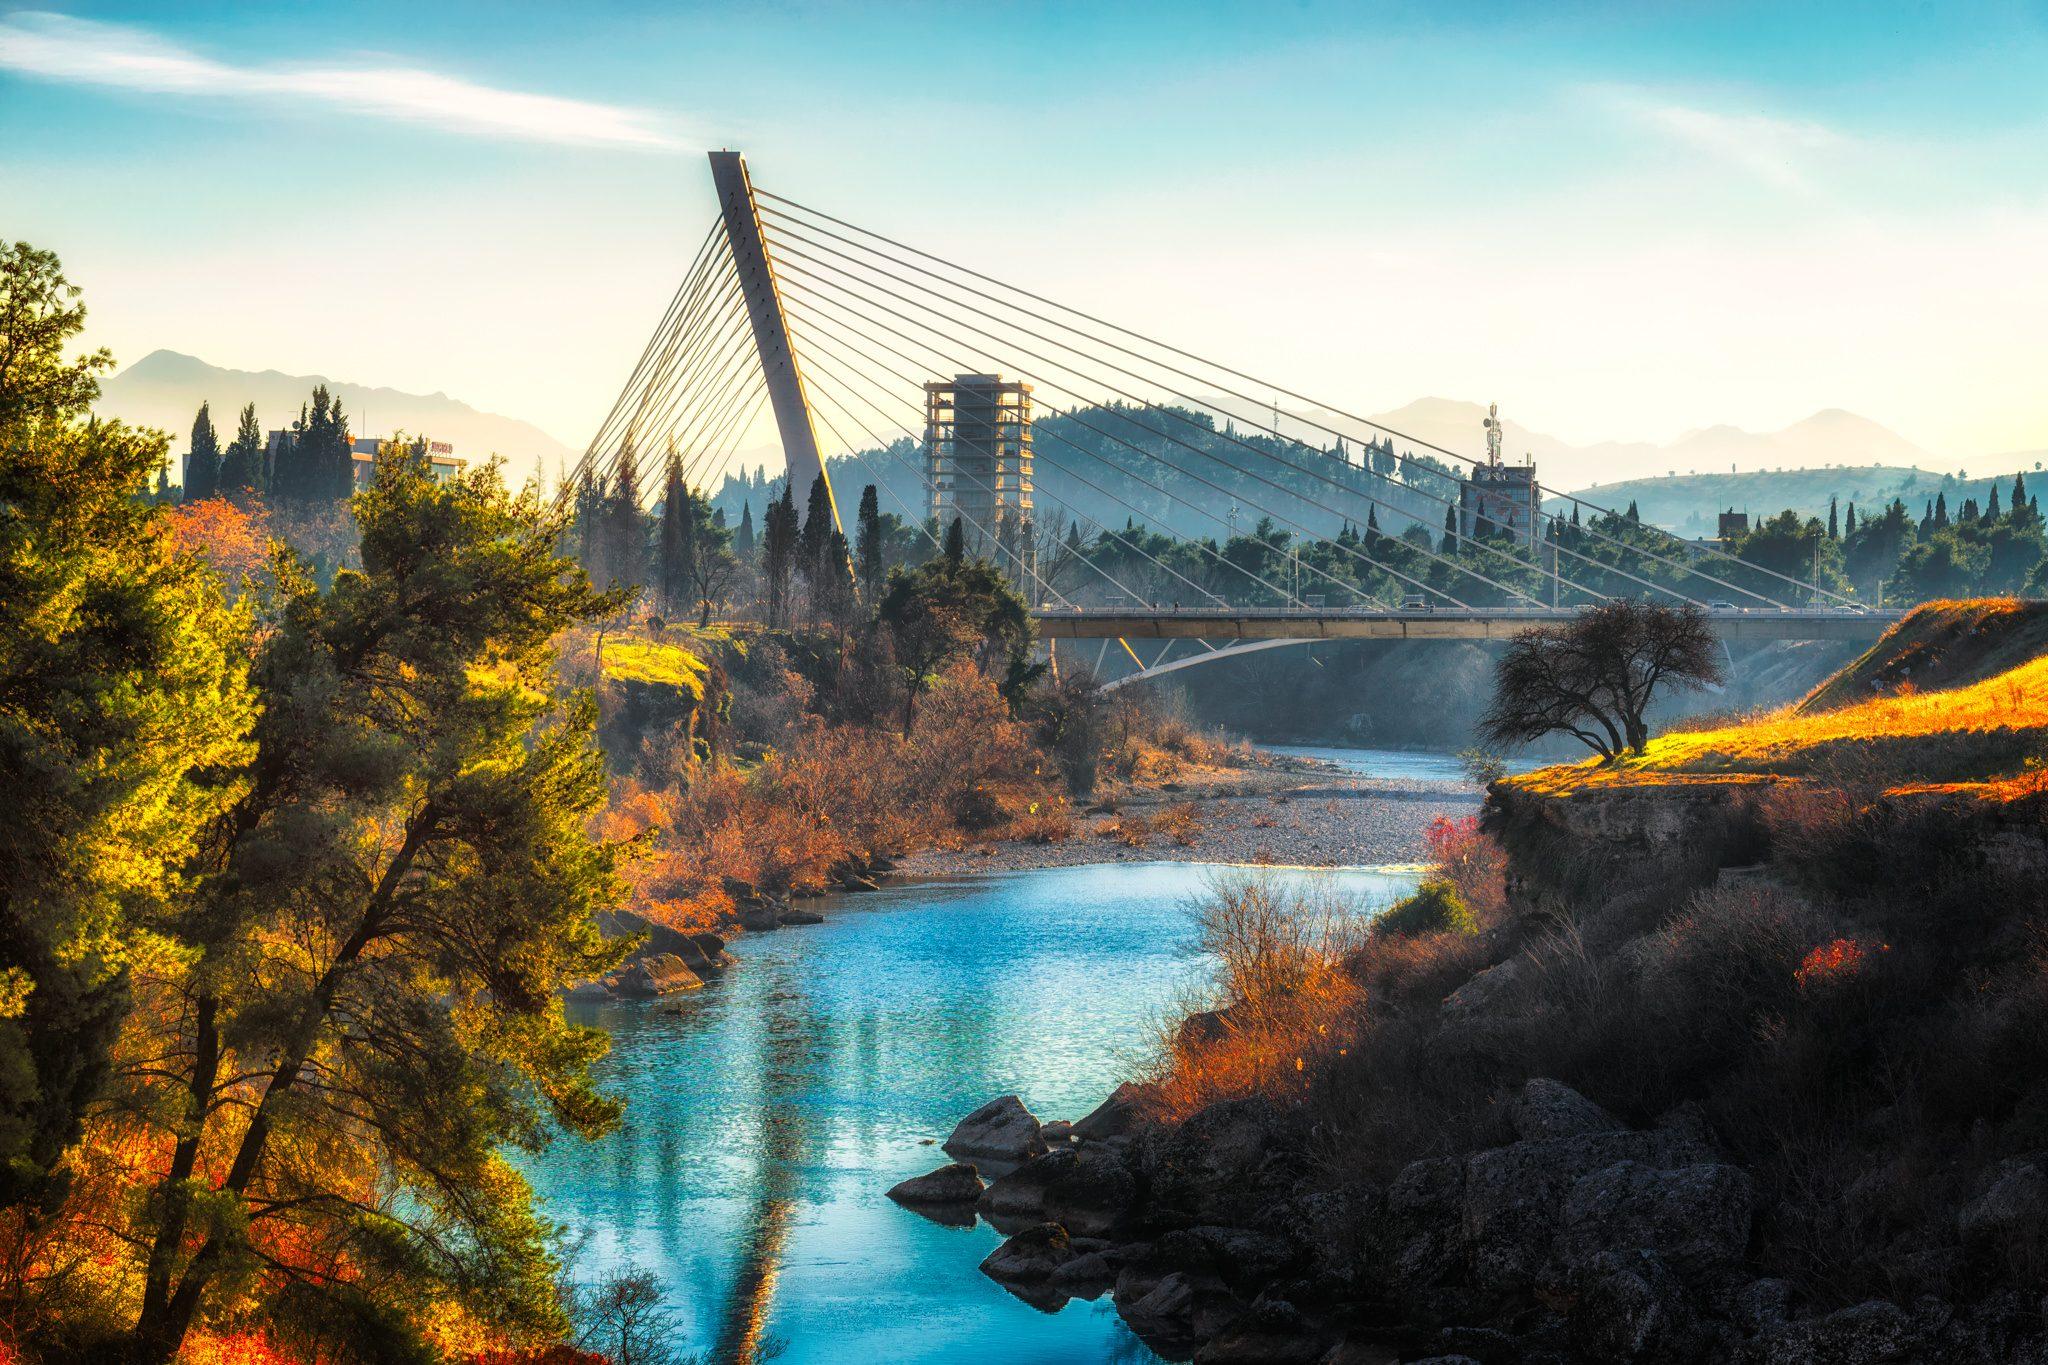 Podgorica Millennium Bridge, Montenegro.